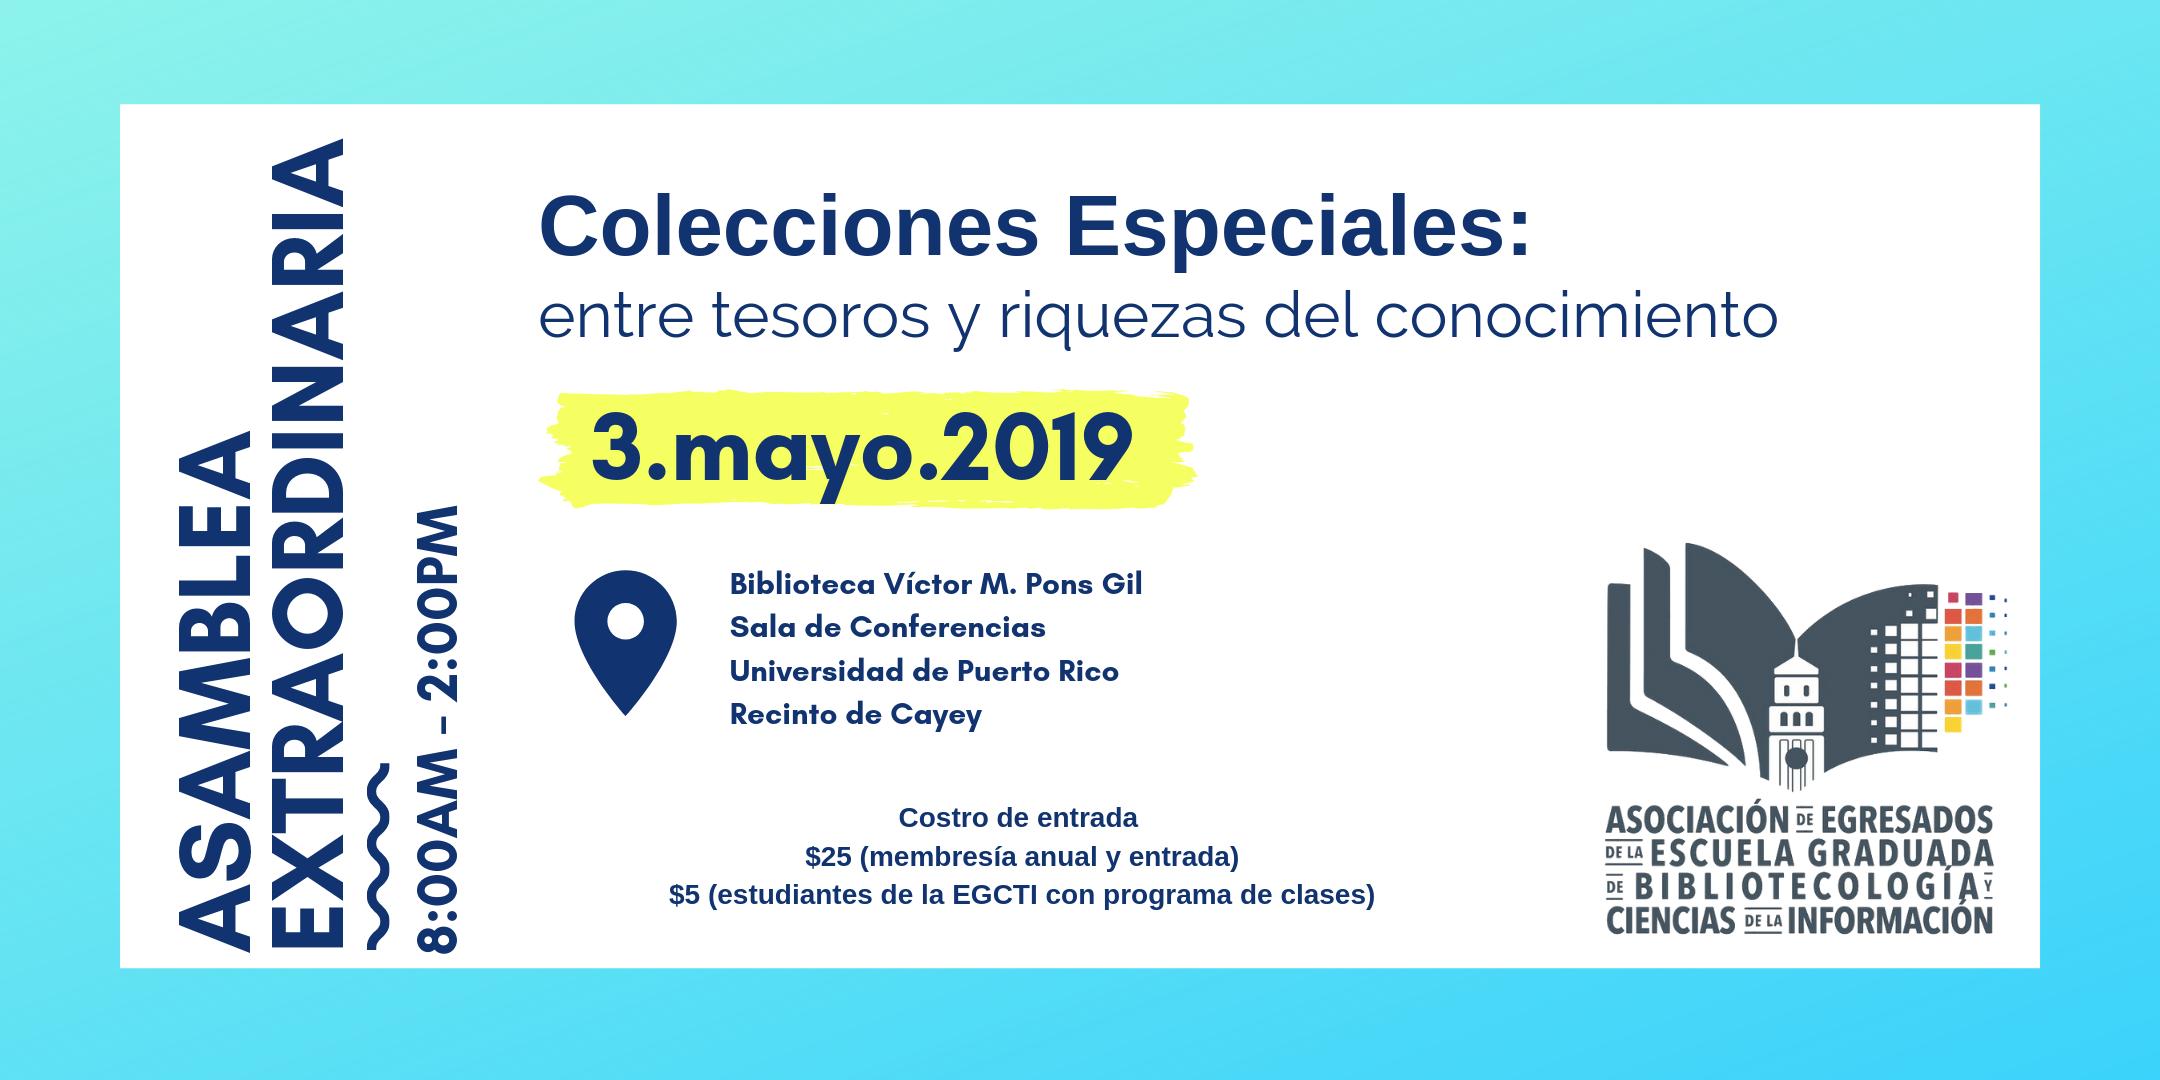 Invitación a nuestra Asamblea Extraordinaria 2019 - A celebrarse el viernes 3 de mayo de 2019 en la Universidad de Puerto Rico, Recinto de Cayey